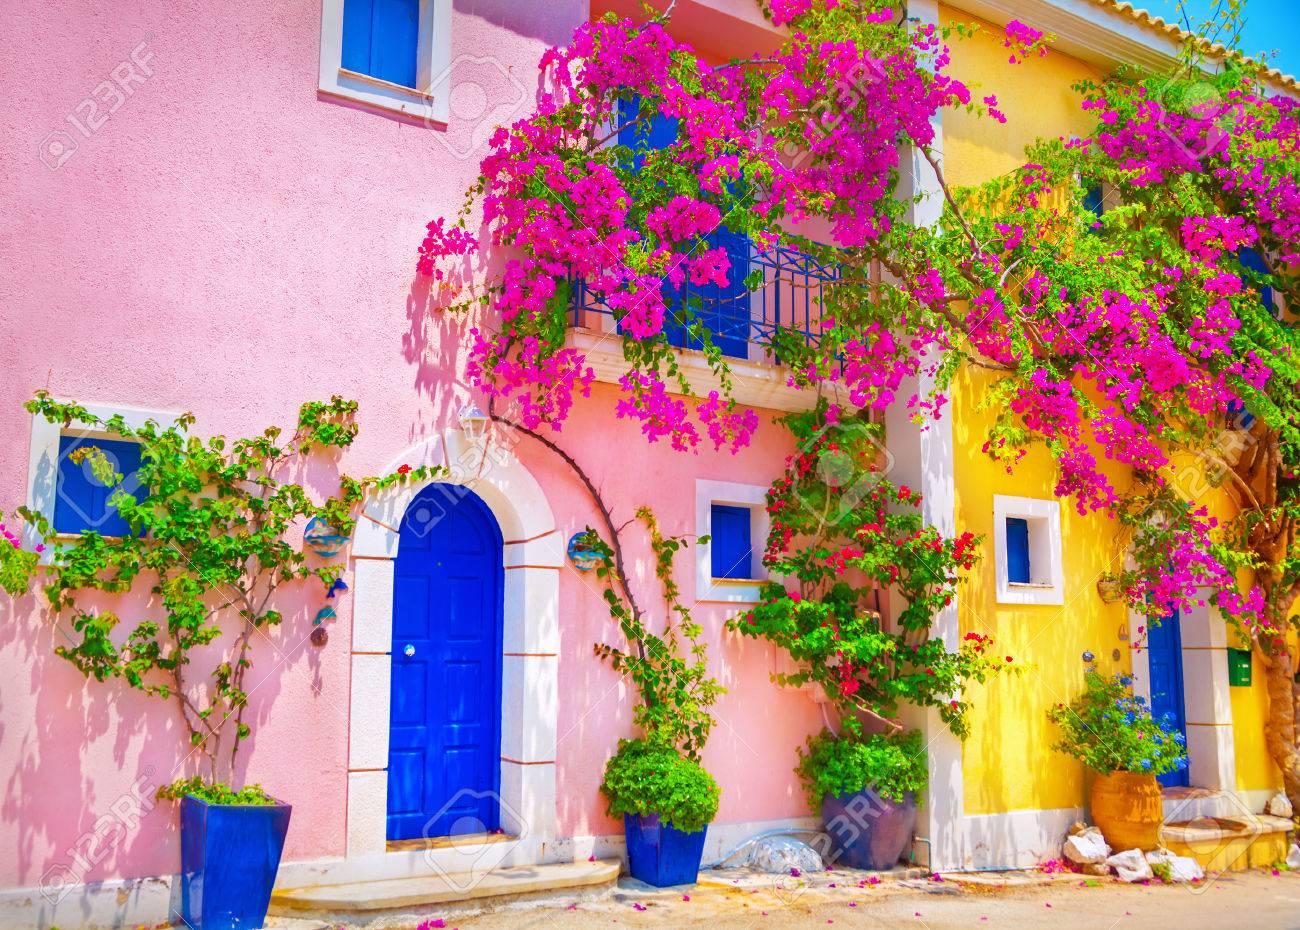 Street in Kefalonia, Greece - 59789969